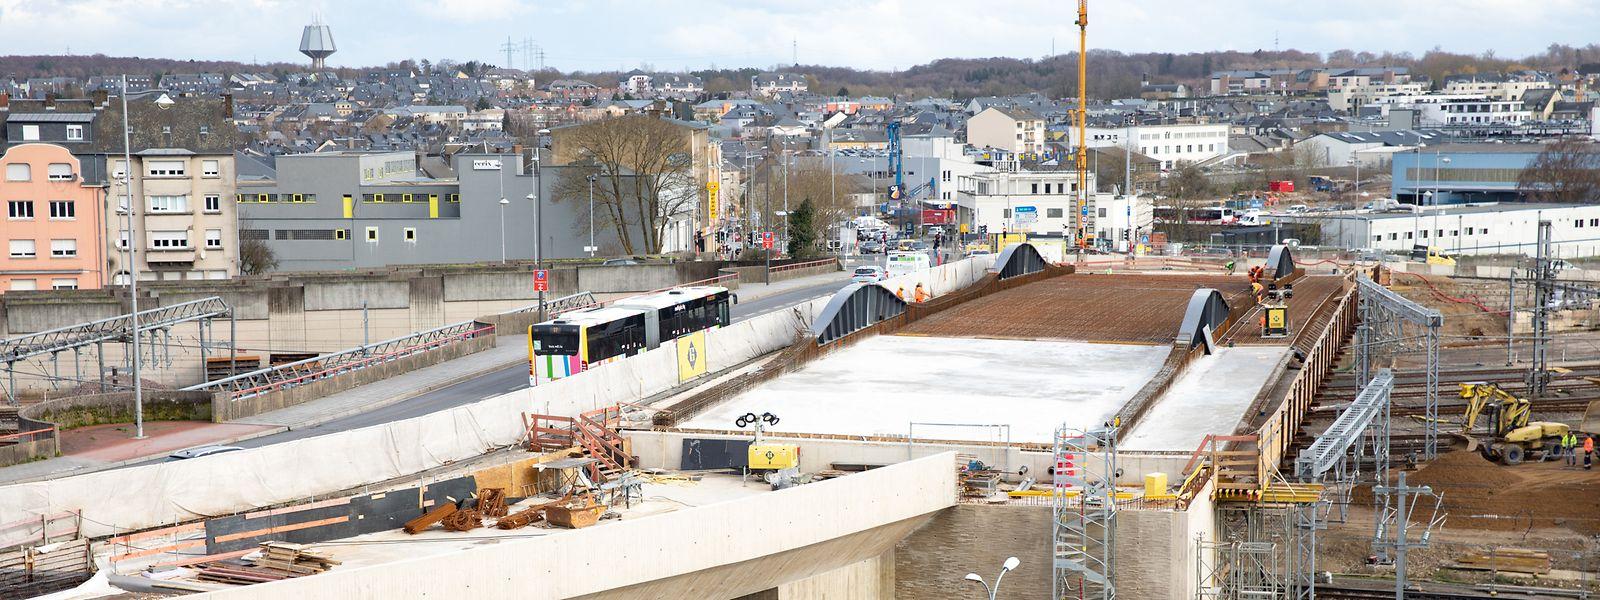 Le pont Buchler va encore gagner quelques centimètres en longueur ce week-end.